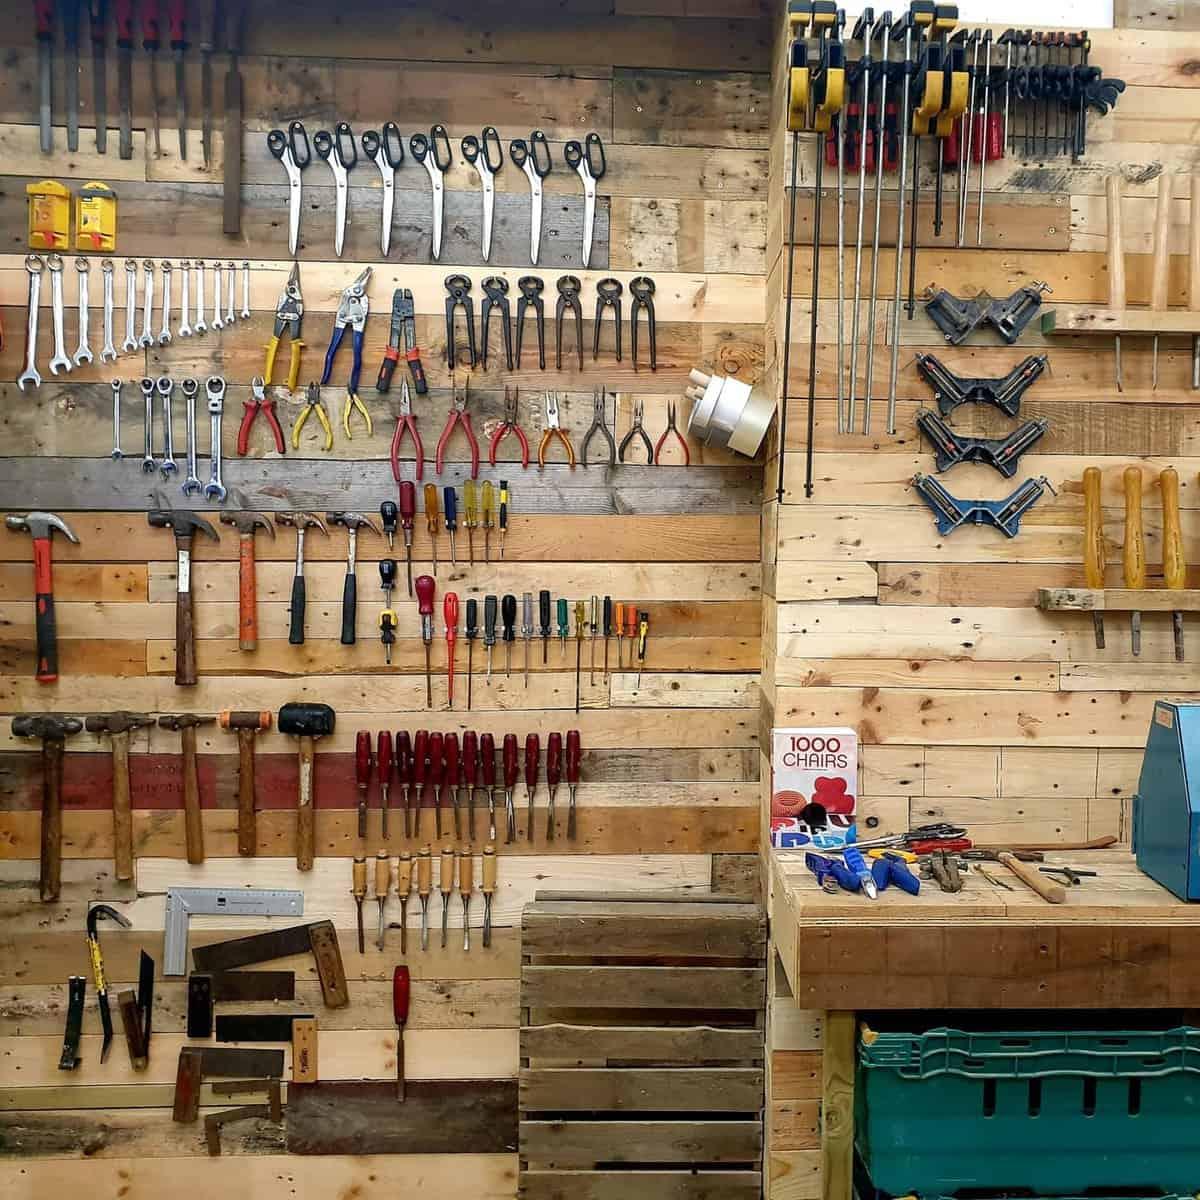 Wood Tool Storage Ideas -4eyedimensions